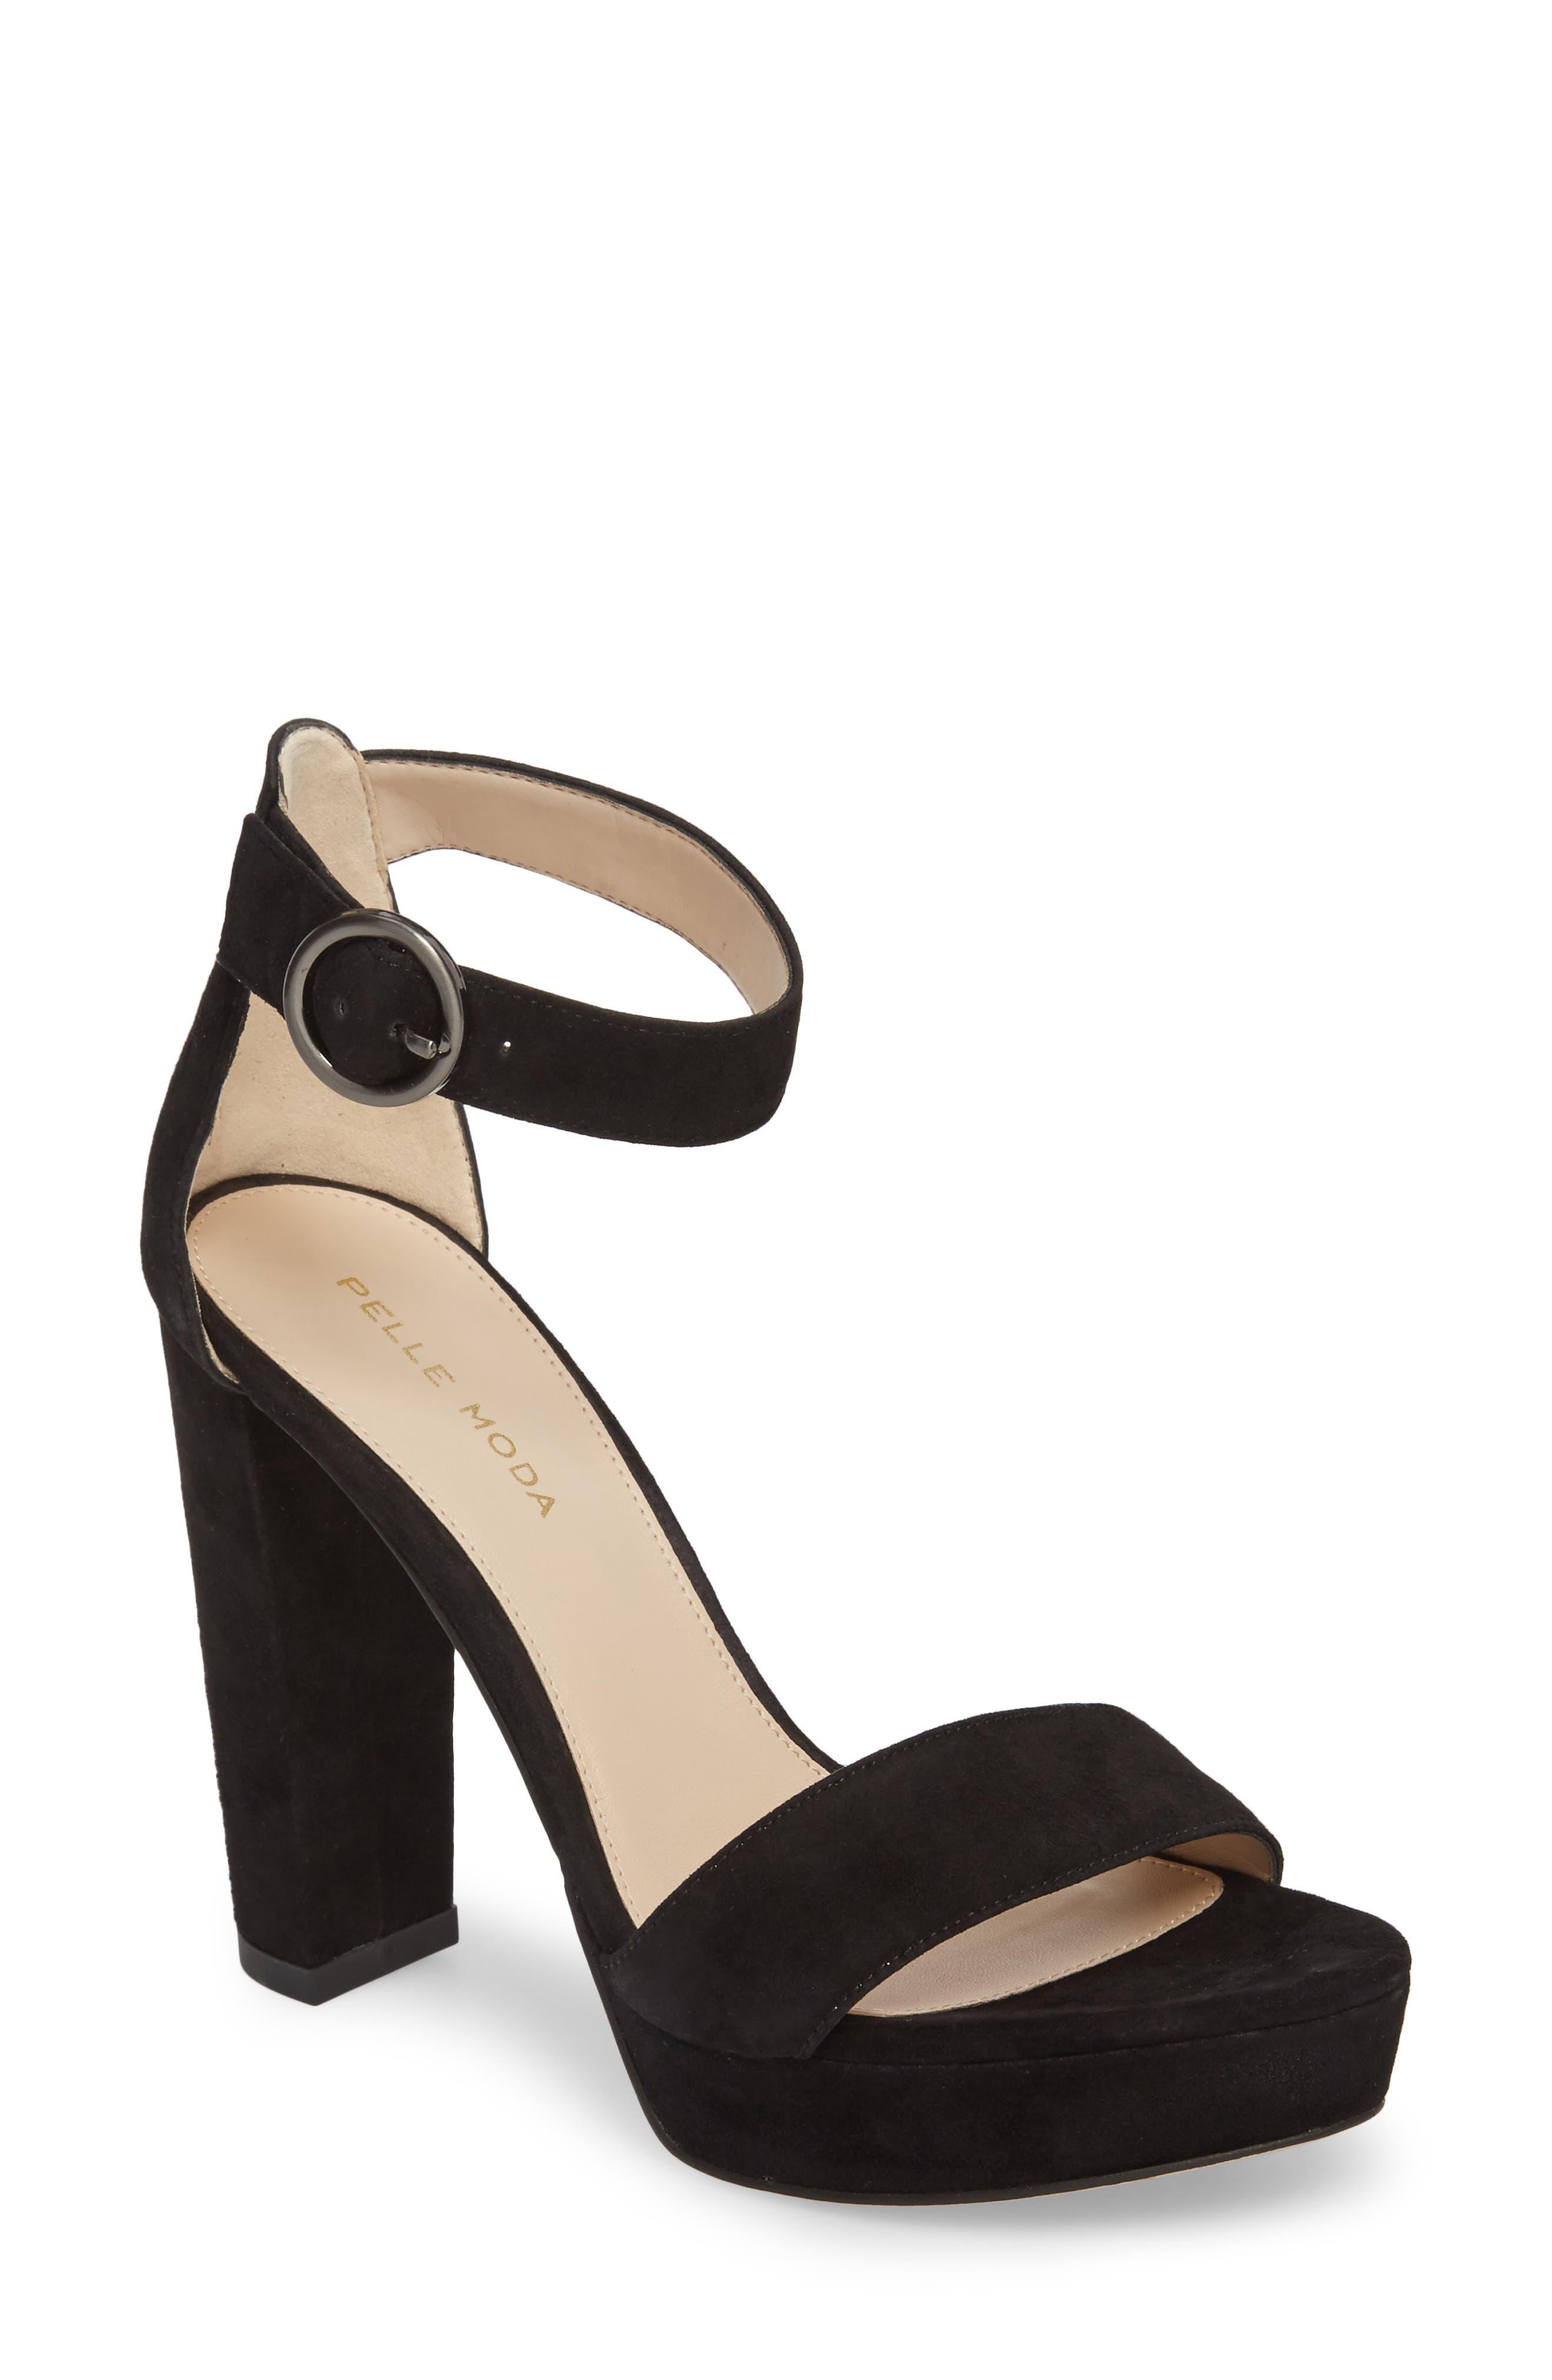 Palo 2 Platform Sandal,                             Main thumbnail 1, color,                             Black Suede